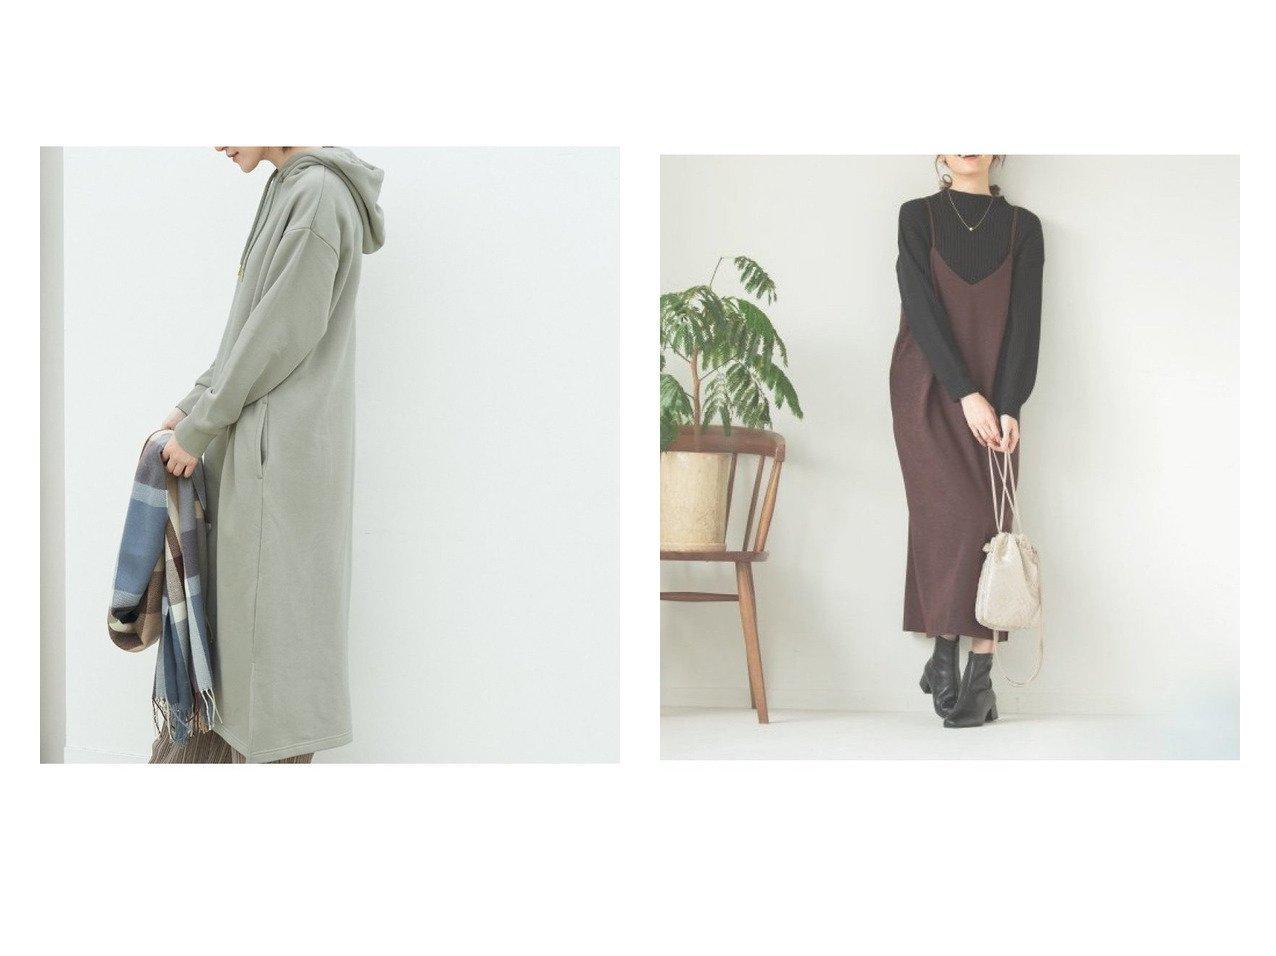 【Rope Picnic/ロペピクニック】の裏起毛裏毛フードワンピース&【GLOBAL WORK/グローバルワーク】のスウェードサテンキャミワンピ ワンピース・ドレスのおすすめ!人気、レディースファッションの通販 おすすめで人気のファッション通販商品 インテリア・家具・キッズファッション・メンズファッション・レディースファッション・服の通販 founy(ファニー) https://founy.com/ ファッション Fashion レディース WOMEN ワンピース Dress キャミワンピース No Sleeve Dresses シンプル パーカー ボトム ポケット レギンス カットソー キャミワンピース スリット タートル |ID:crp329100000002961